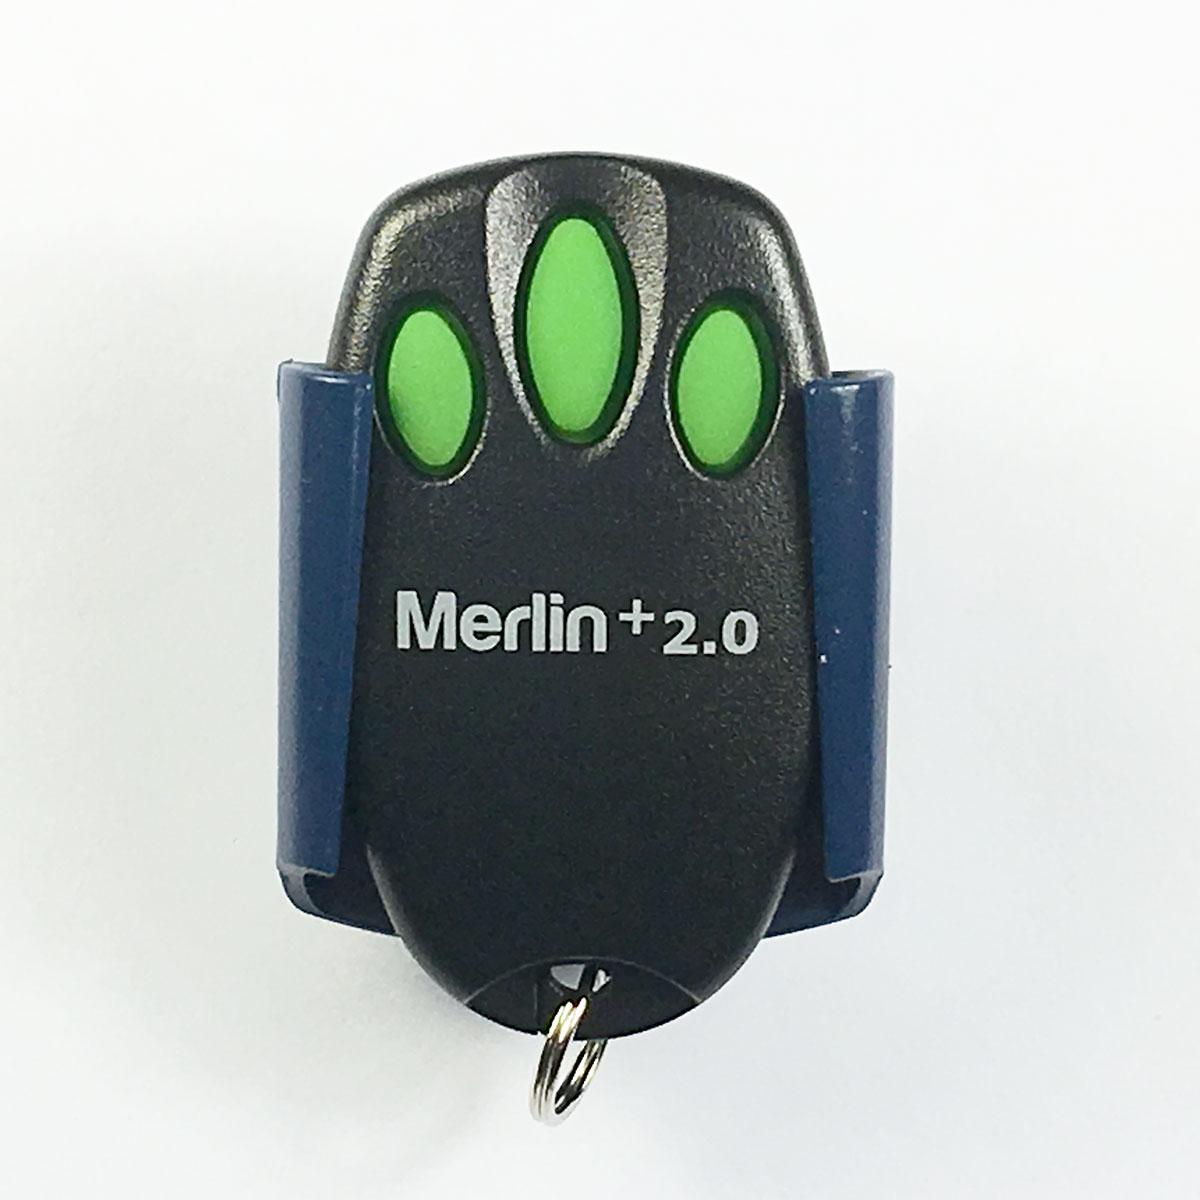 Merlin+2.0